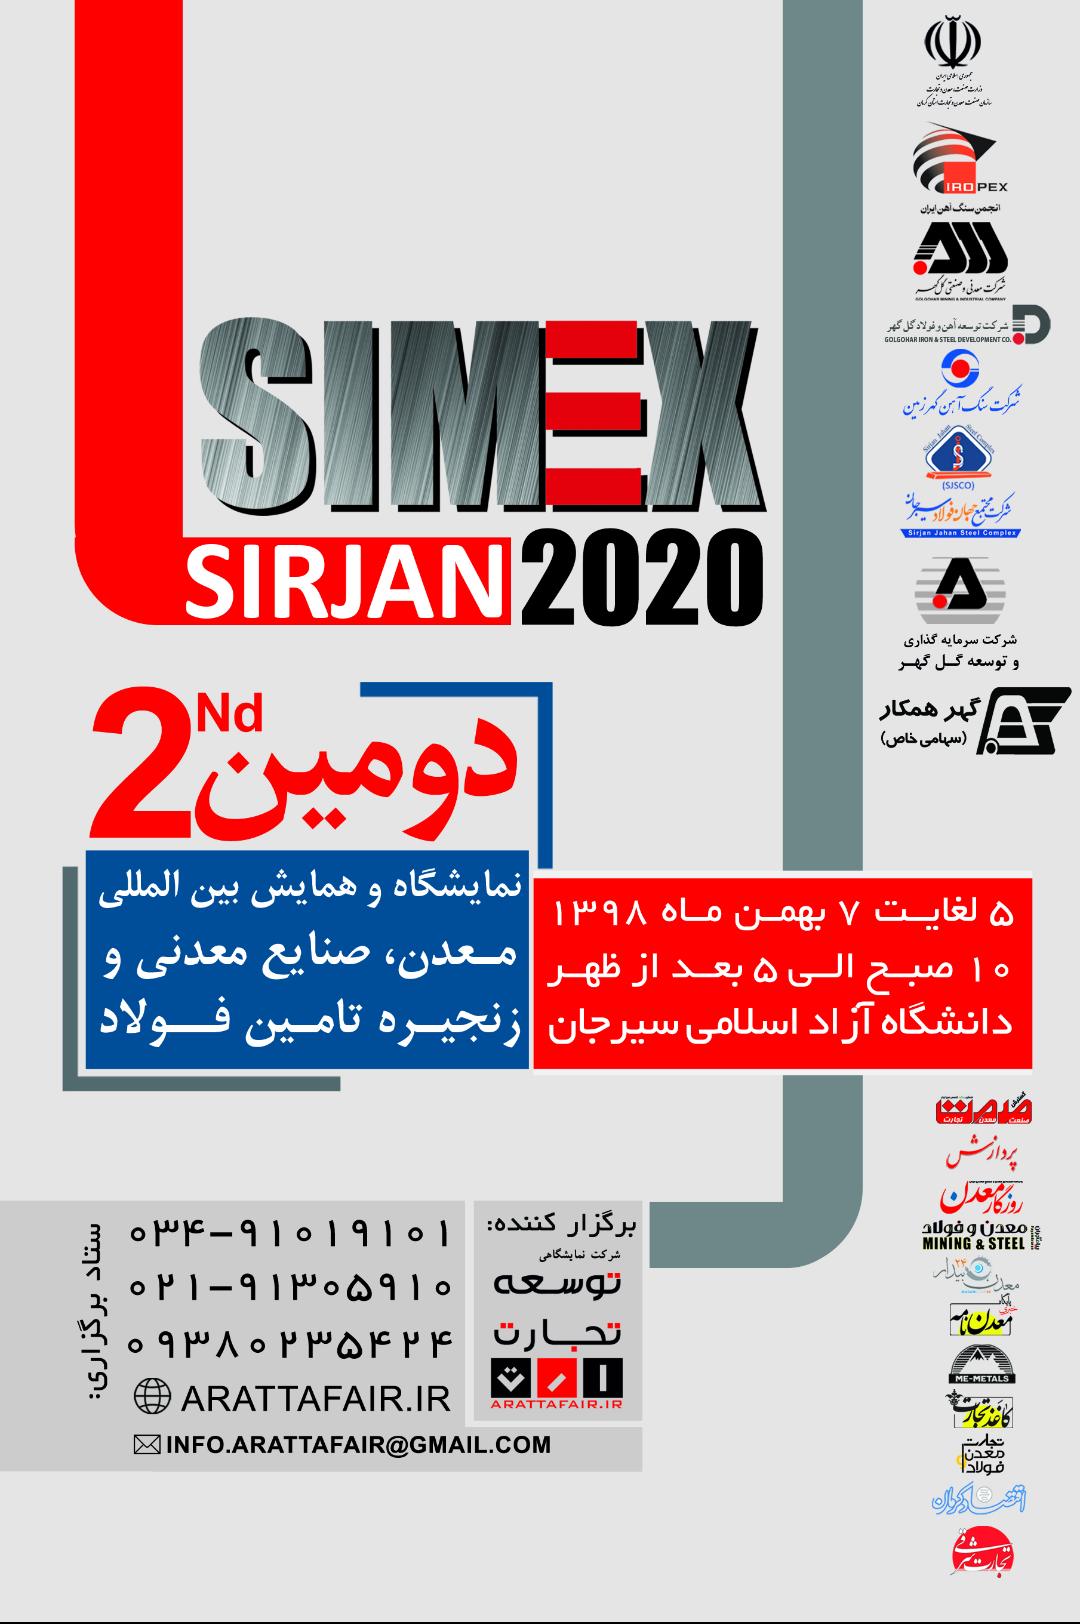 کرمان برای دومین سال میزبان نمایشگاه بین المللی سیمکس خواهد بود